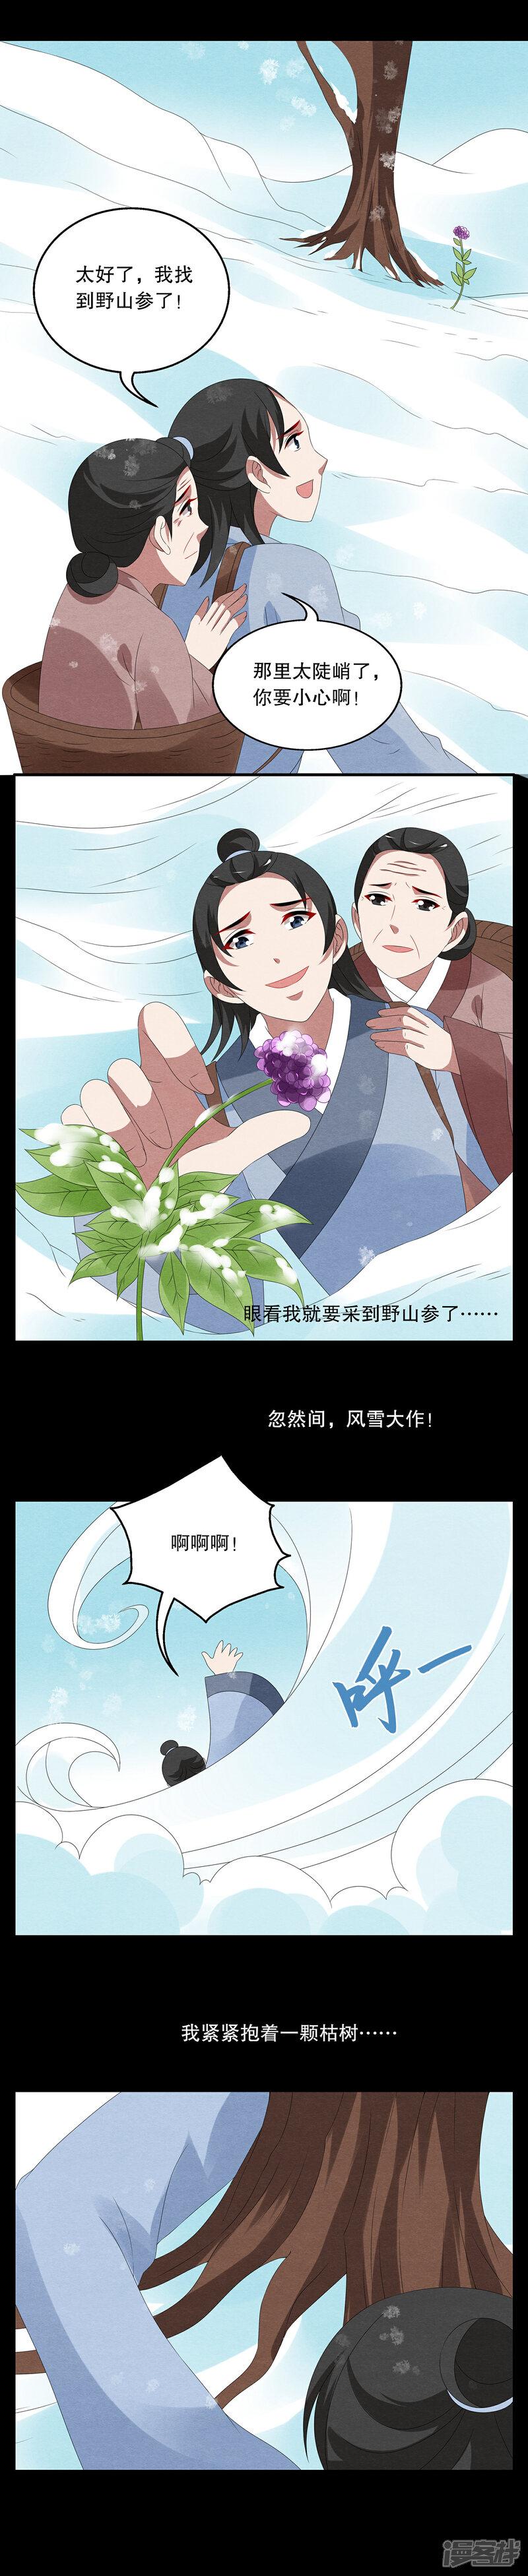 洛小妖90910002.JPG